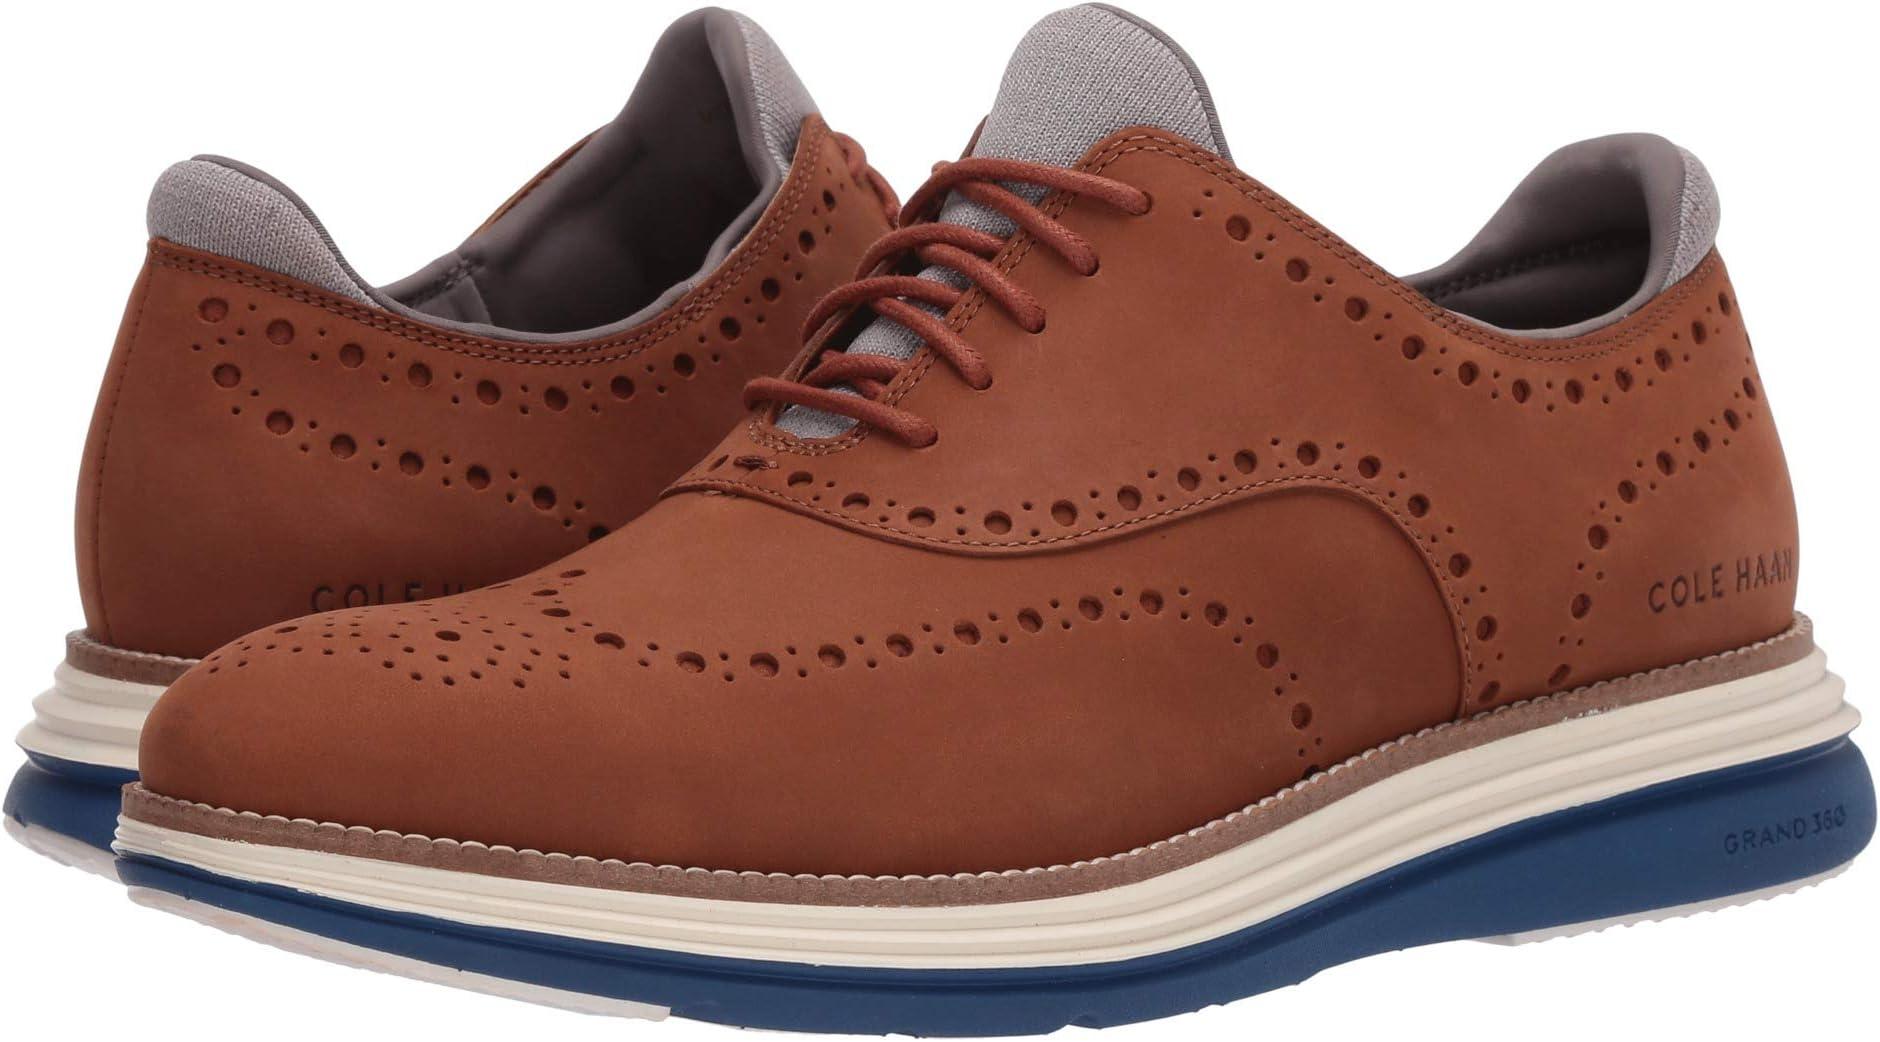 TC-1-Mens-Shoes-2020-03-17